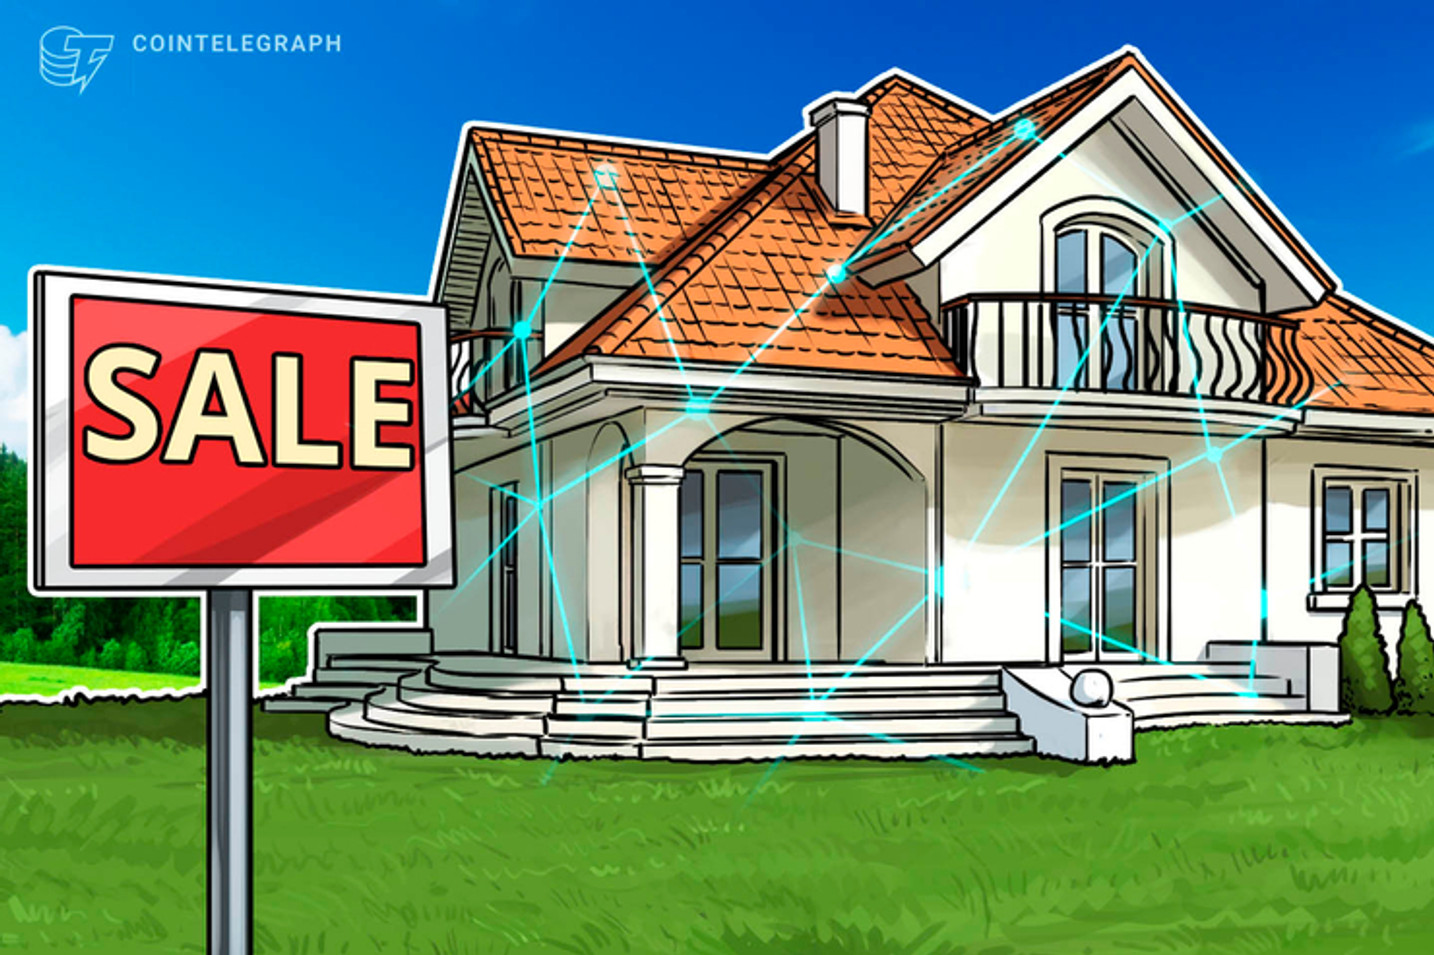 Cripto-casa NFT: artista vende mansão em Marte por R$ 2,75 milhões em Ethereum (ETH)